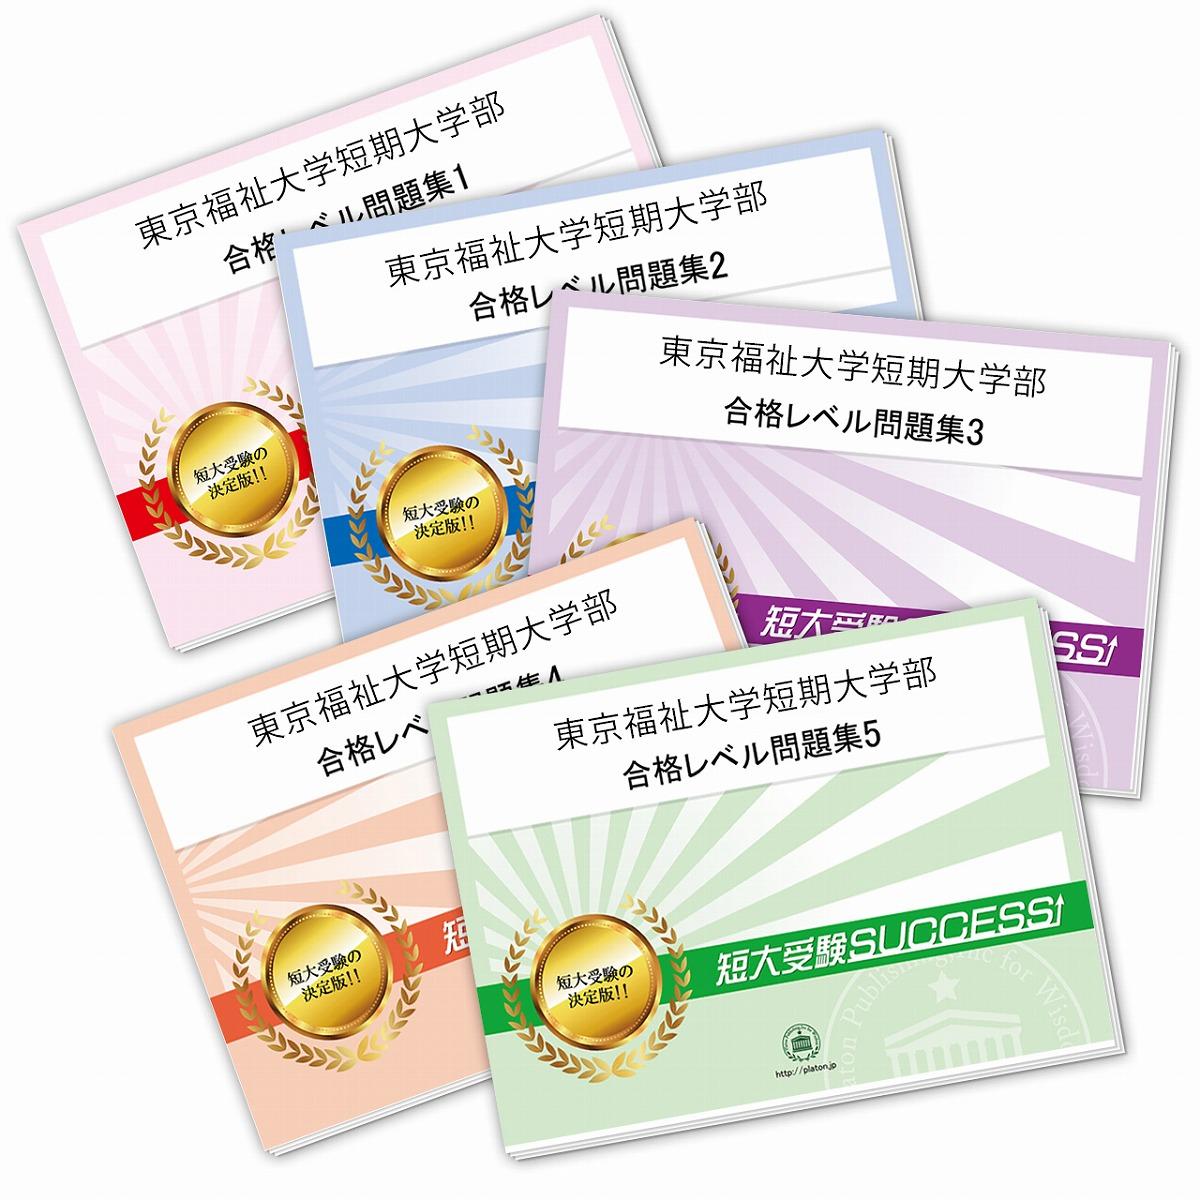 【送料・代引手数料無料】東京福祉大学短期大学部受験合格セット(5冊)